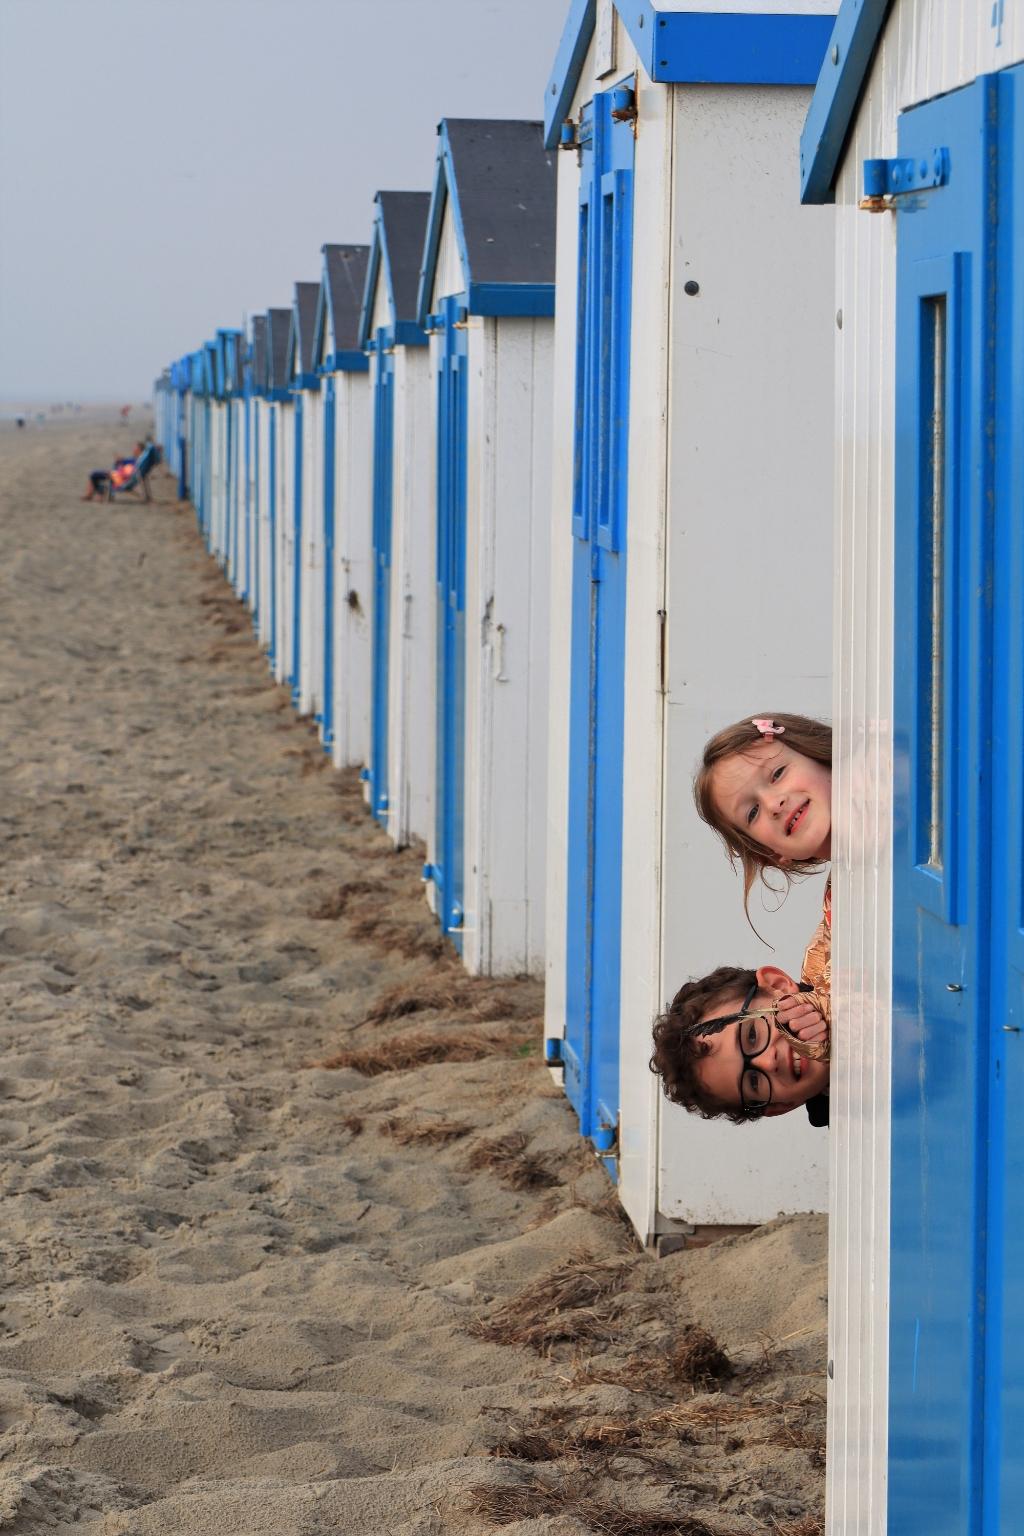 De foto is genomen 6 augustus 2021 op het strand in Texel waar wij een weekje verbleven. Op de voorgrond zie je onze kinderen Tom (11 jaar) en Kim (9 jaar). Oswald Hesp © BDU media